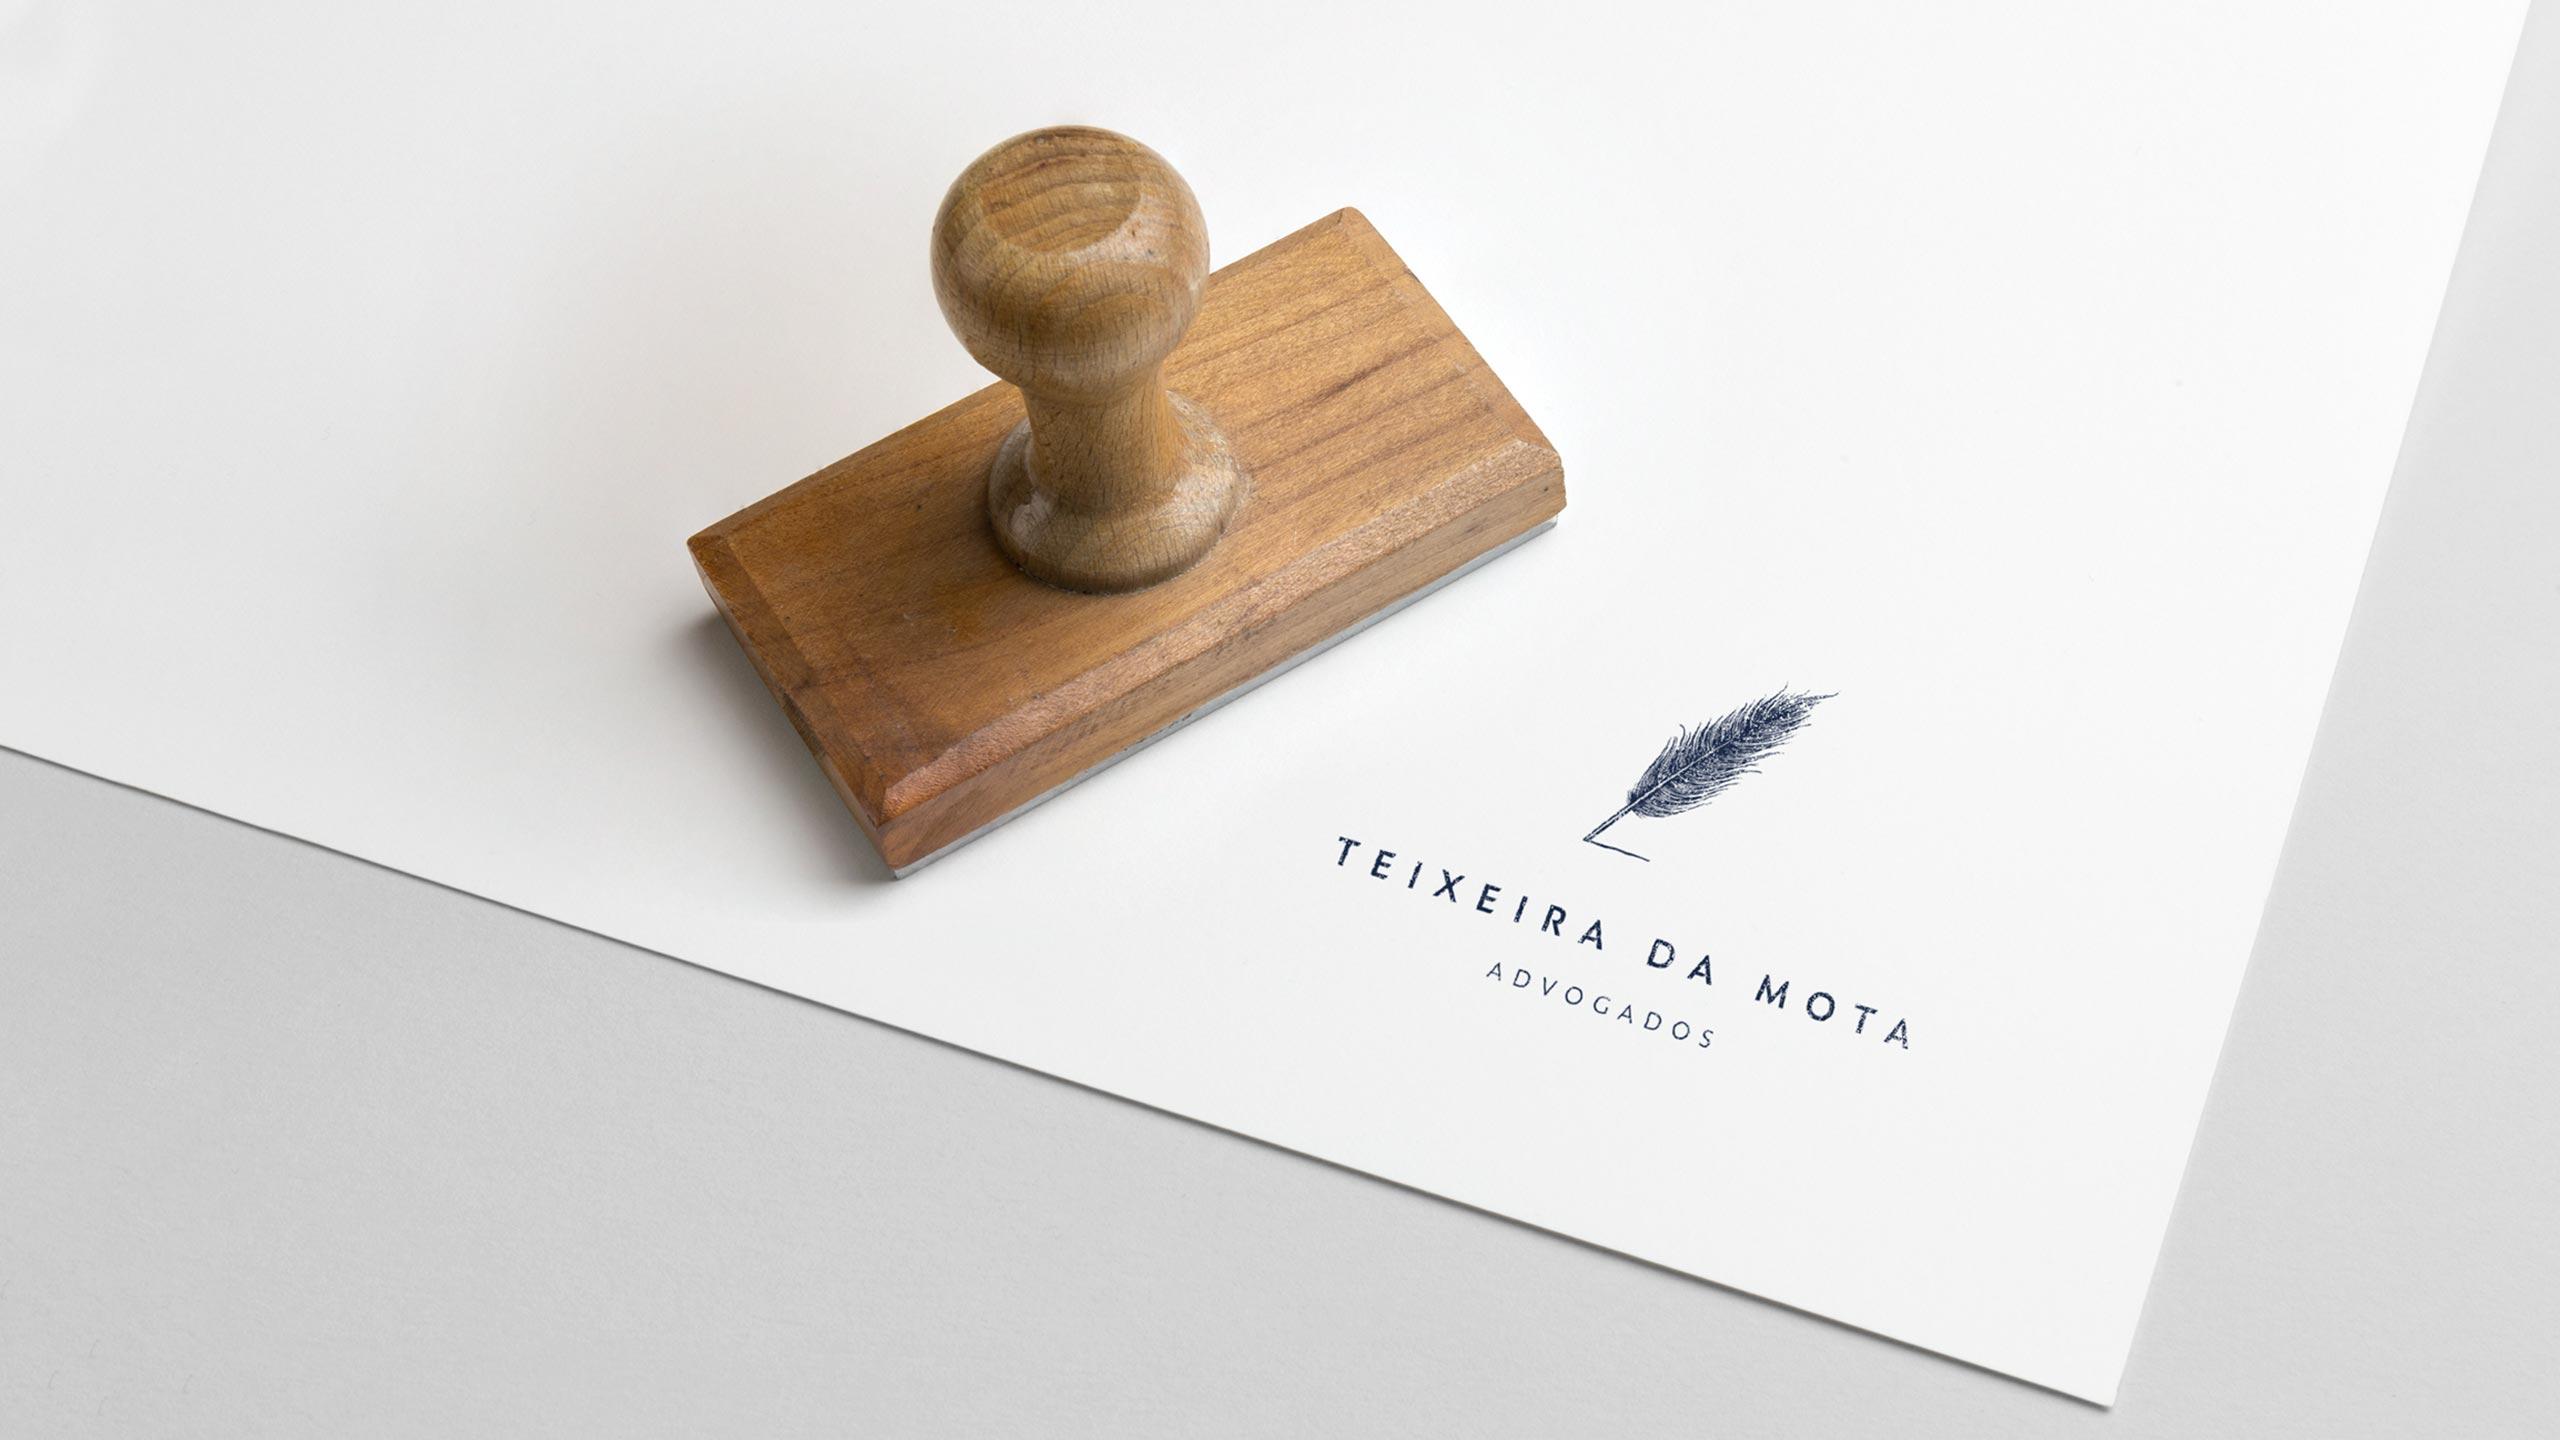 kamikaze_logotipo_abogados_teixeira-da-mota_09